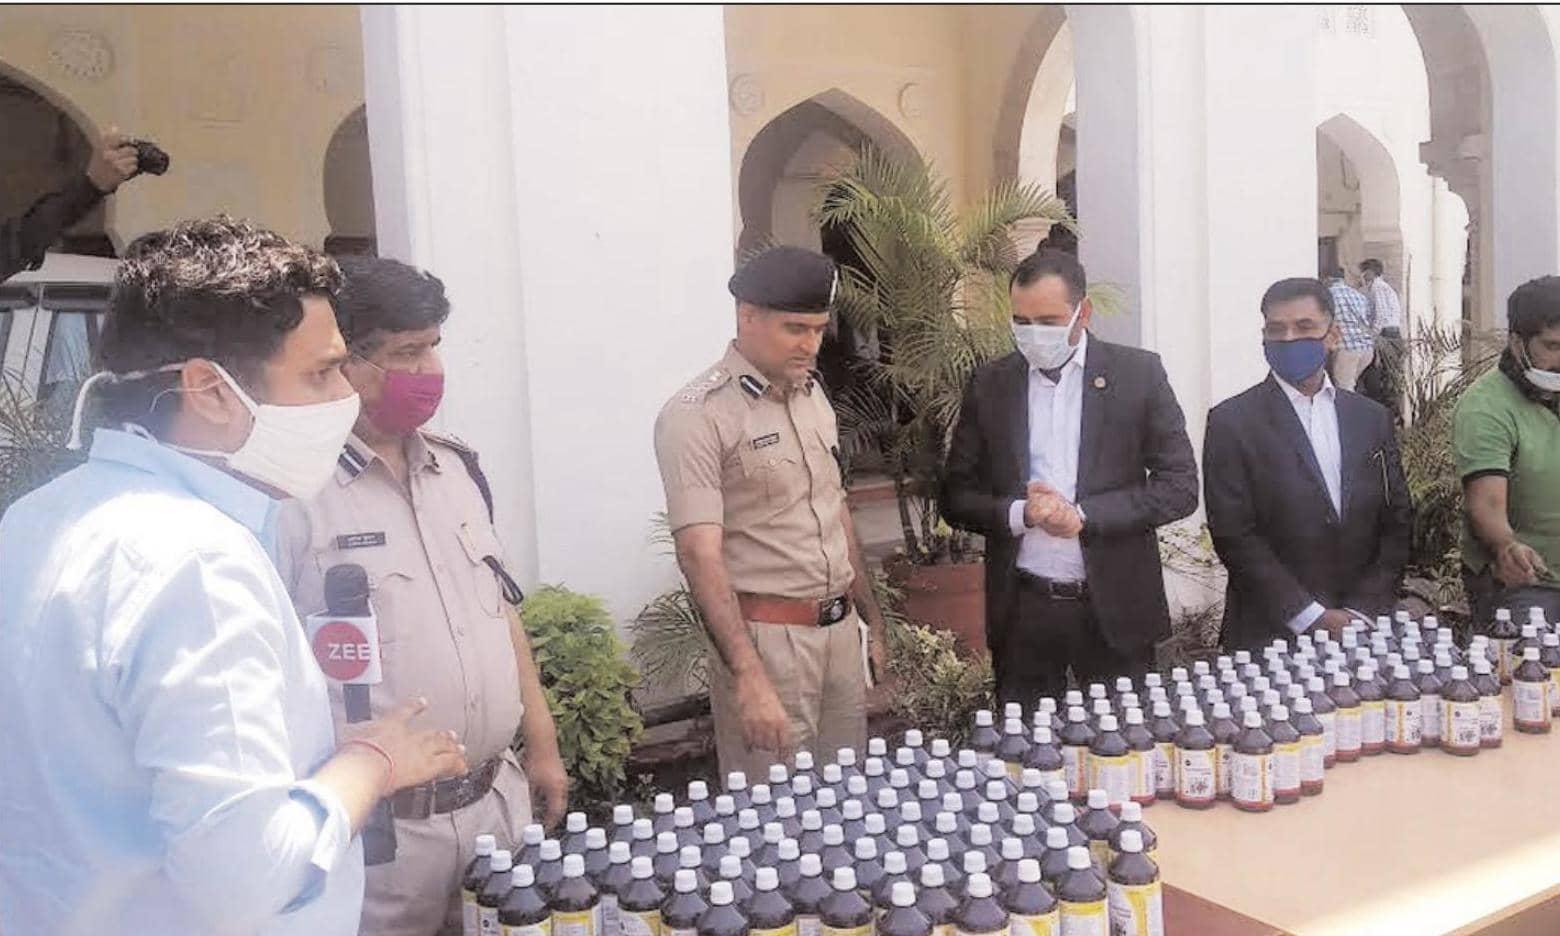 पुलिस कर्मियों का इम्यूनिटी पॉवर बढाने के लिए 17 हजार काढ़े की बोतल भेंट की